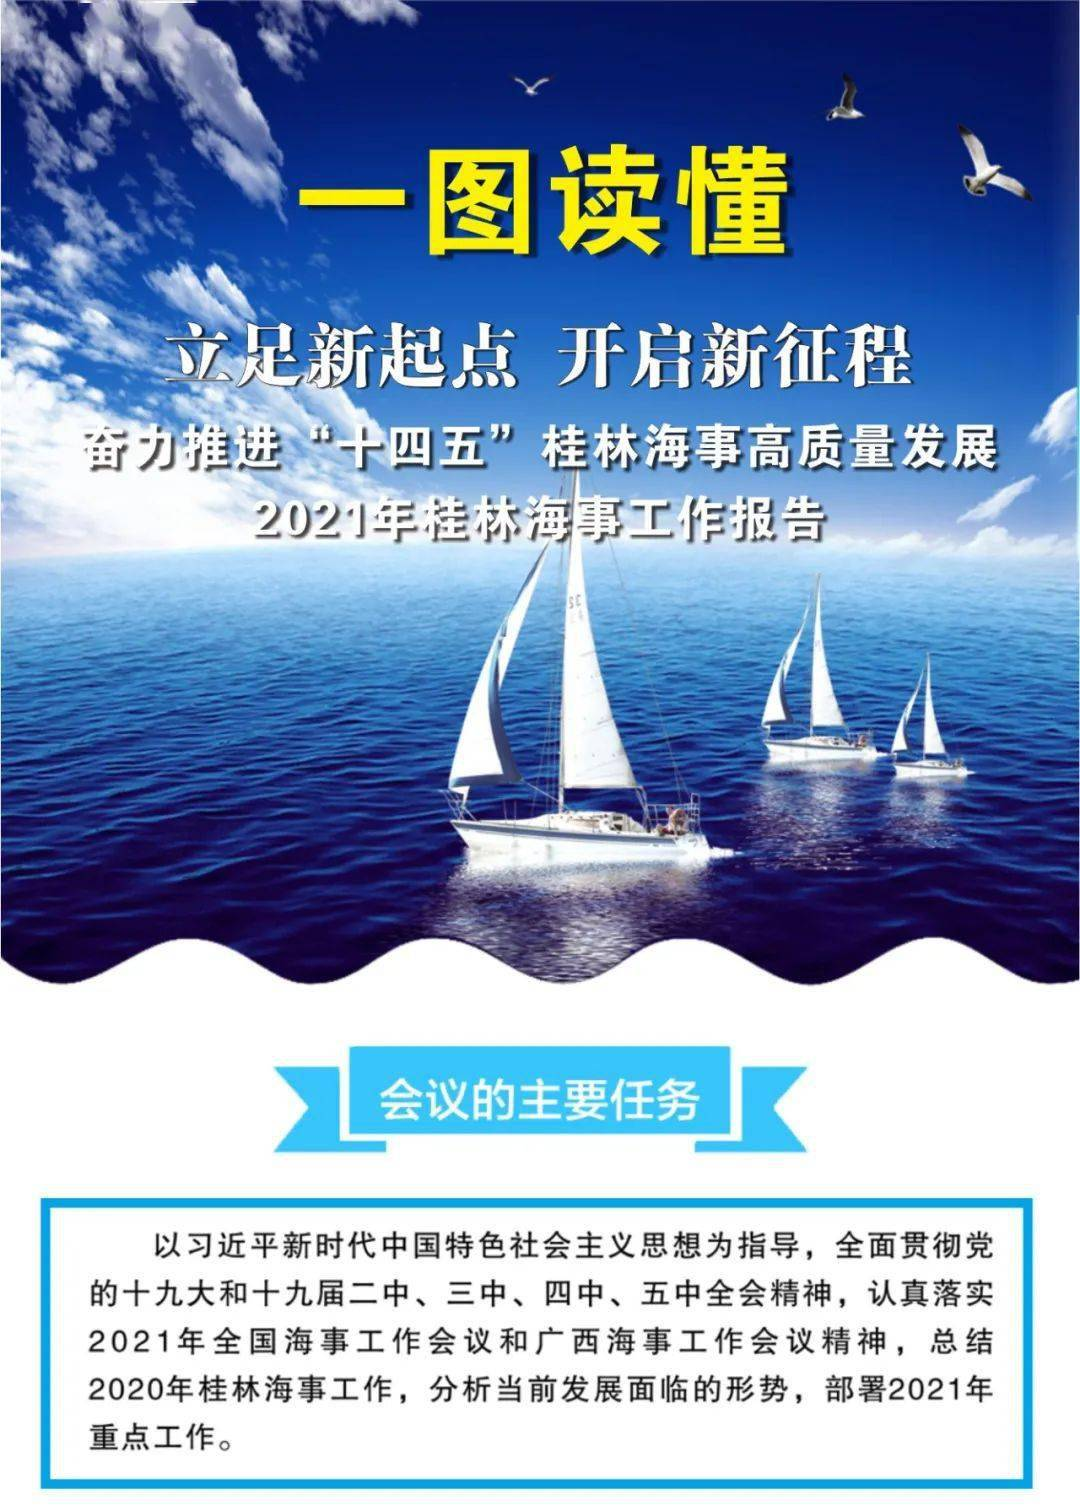 一图读懂2021年桂林海事工作报告